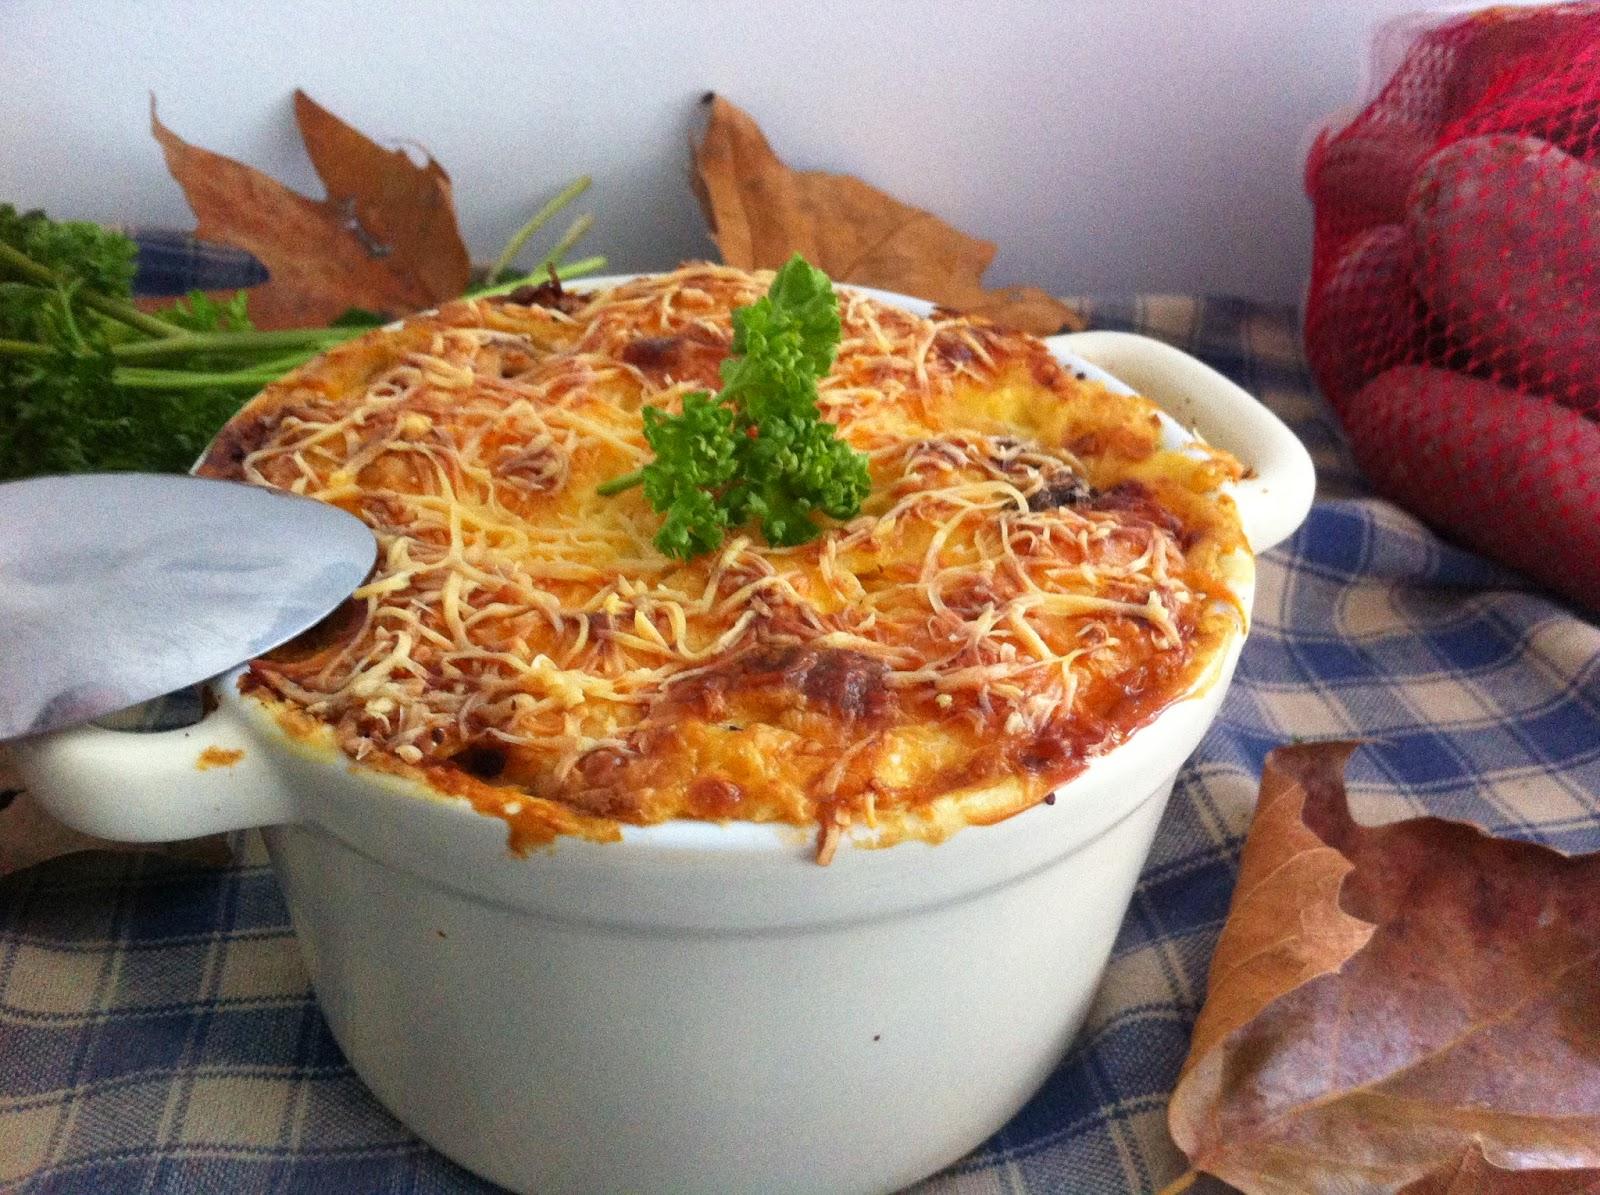 Gratin, cocotte, automne, potiron, potimarron, bleu d'Auvergne, roquefort, pomme de terre, patate